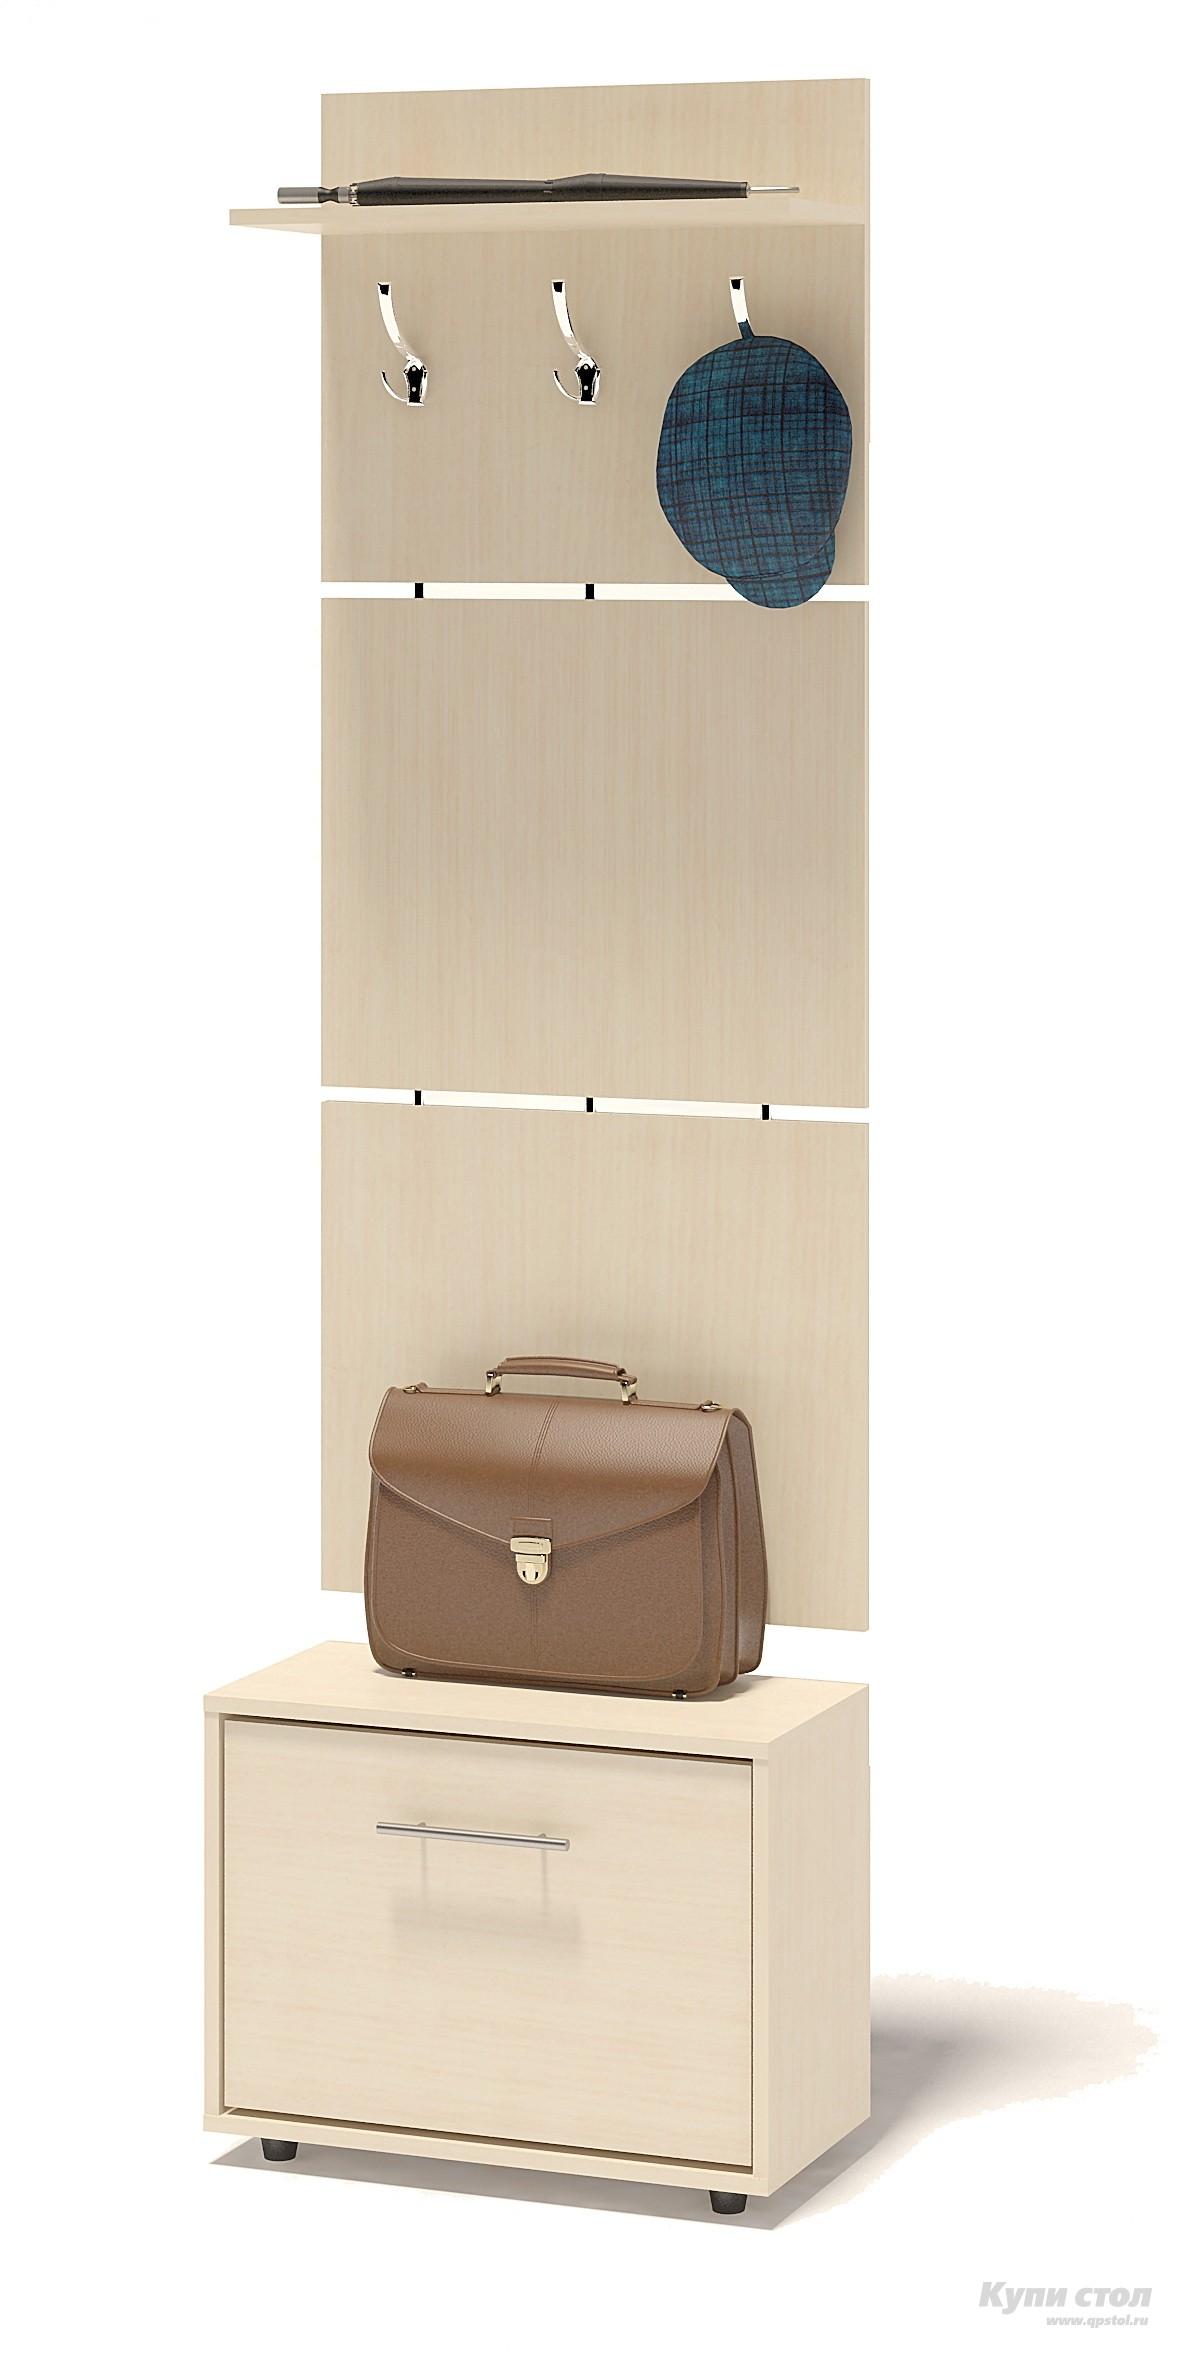 Прихожая Сокол ТП-1 + ВШ-5.1 Беленый дубПрихожие в коридор<br>Габаритные размеры ВхШхГ 1961x600x287 мм. Навесная вешалка, выполненная в современном стиле.  Позволит разместить сезонную одежду всей семьи.  Вешалка состоит из 3-х панелей соединенных металлическими вставками.  Полка, закрепленная над крючками для одежды, предназначена специально для головных уборов и зонтов.  Максимальная нагрузка на полку составляет 5кг.  Компактная тумба для обуви, шириной 600 мм.  Дверь оснащена откидывающимся механизмом со специальными полками для размещения обуви, который обеспечивает удобство хранения и легкий доступ к необходимой паре кроссовок или туфлей.  Изделие поставляется в разобранном виде.  Хорошо упаковано в гофротару вместе с необходимой фурнитурой для сборки и подробной инструкцией.   Изготовлена из высококачественной ДСП 16 мм.   Отделывается кромкой ПВХ 0. 4 мм.   Поставляется в разобранном виде Рекомендуем сохранить инструкцию по сборке (паспорт изделия) до истечения гарантийного срока.<br><br>Цвет: Беленый дуб<br>Цвет: Светлое дерево<br>Высота мм: 1961<br>Ширина мм: 600<br>Глубина мм: 287<br>Кол-во упаковок: 2<br>Форма поставки: В разобранном виде<br>Срок гарантии: 2 года<br>Тип: Прямые<br>Характеристика: Модульные<br>Материал: из ЛДСП<br>Размер: Узкие, Глубиной до 30 см, Глубиной до 35 см<br>Особенности: С открытой вешалкой, С антресолью, С обувницей, Без шкафа<br>Стиль: Современный